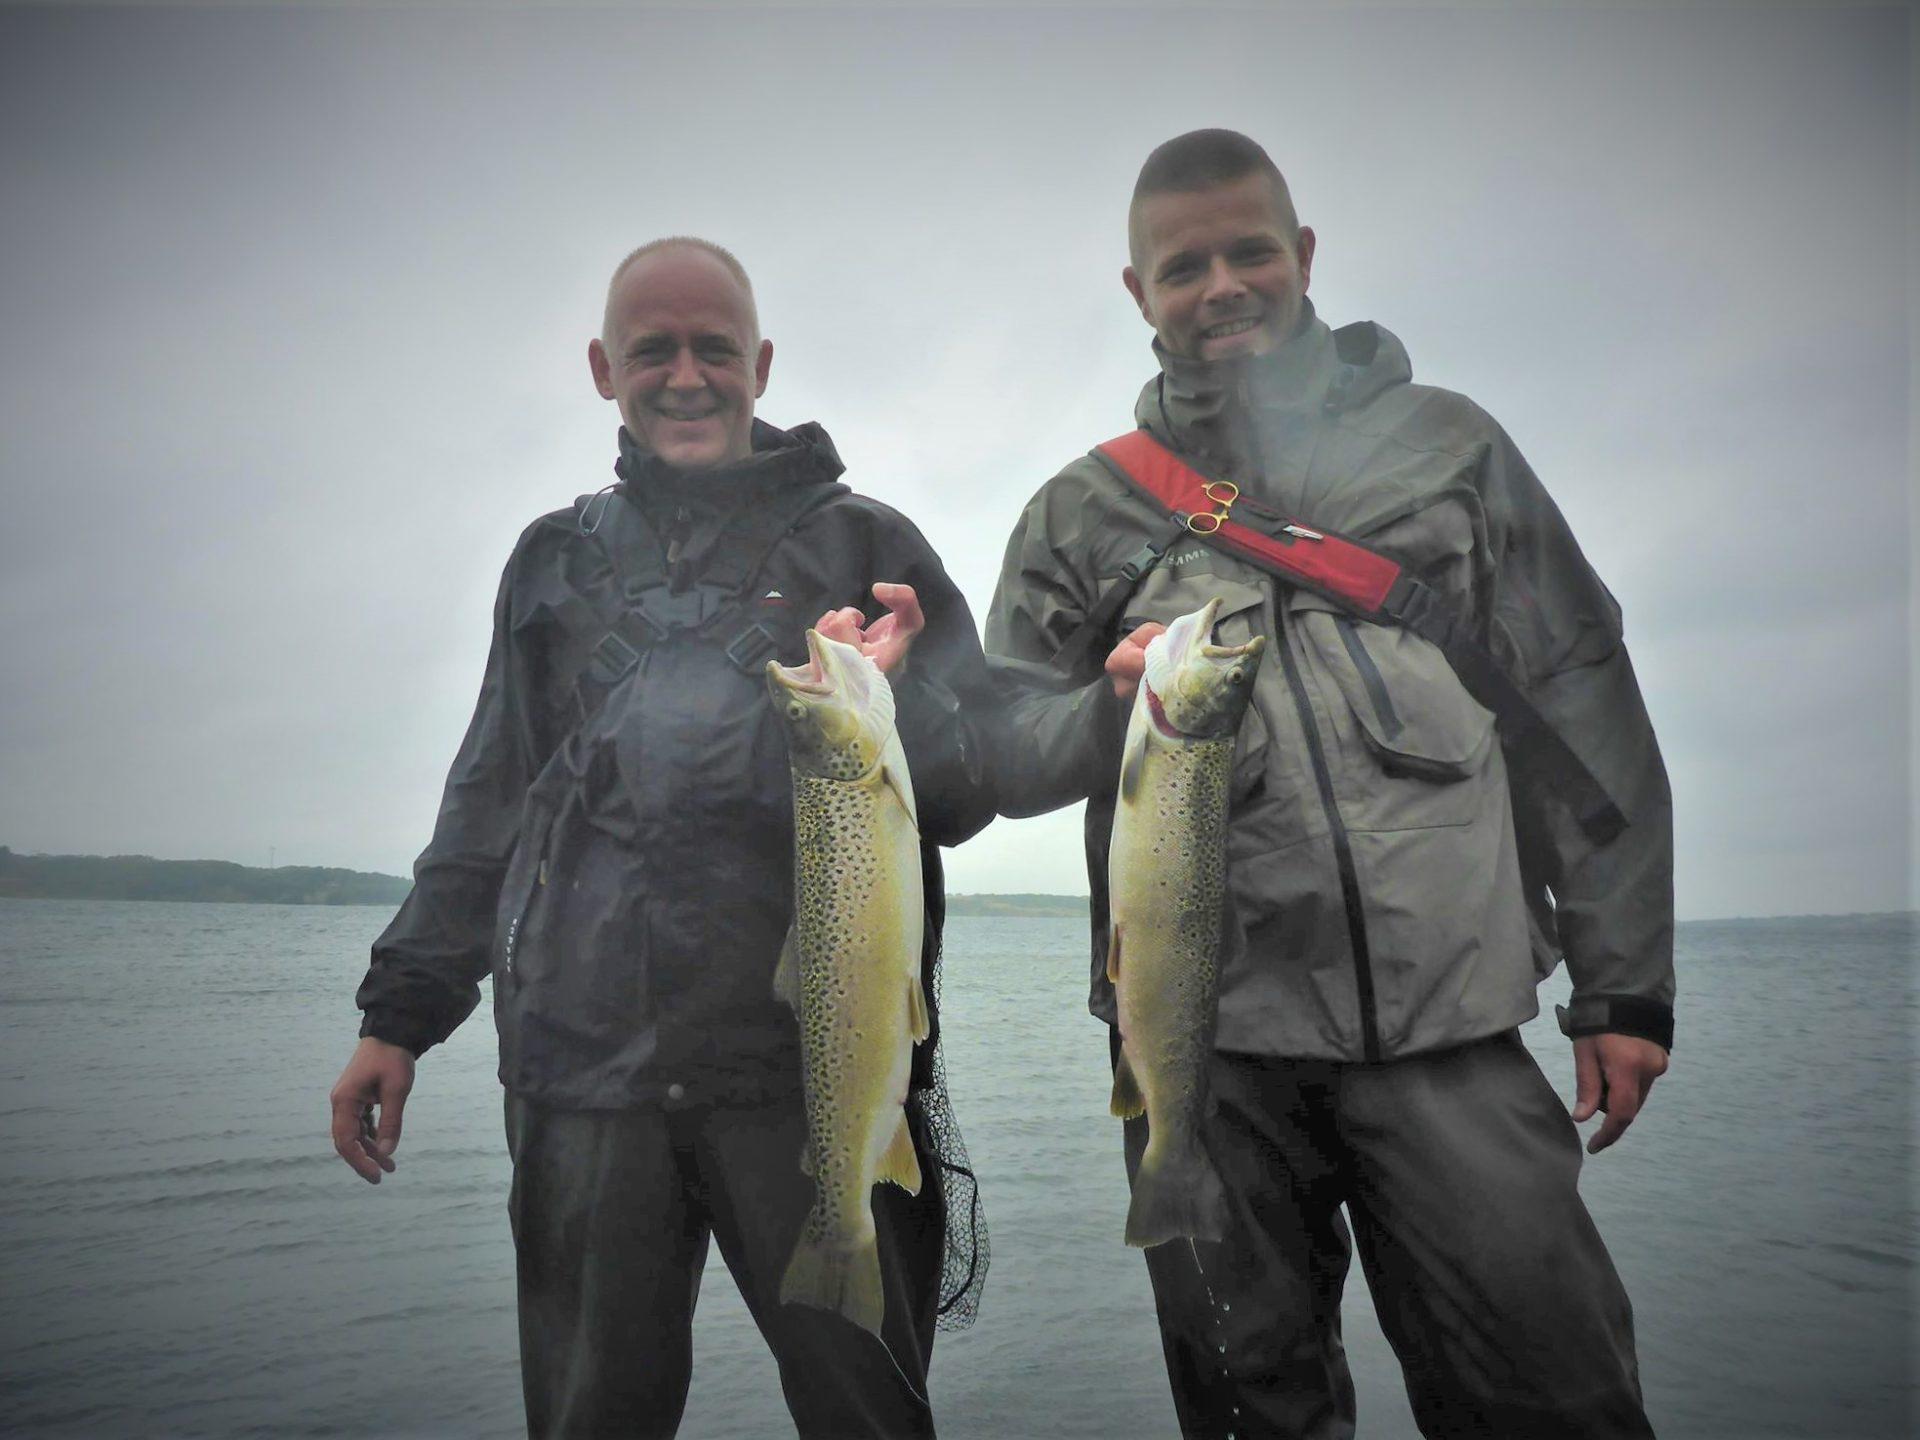 Rovvig er en glimrende fiskeplads i Limfjorden, hvor der kan fiskes efter den eftertragtede havørred i Limfjorden.